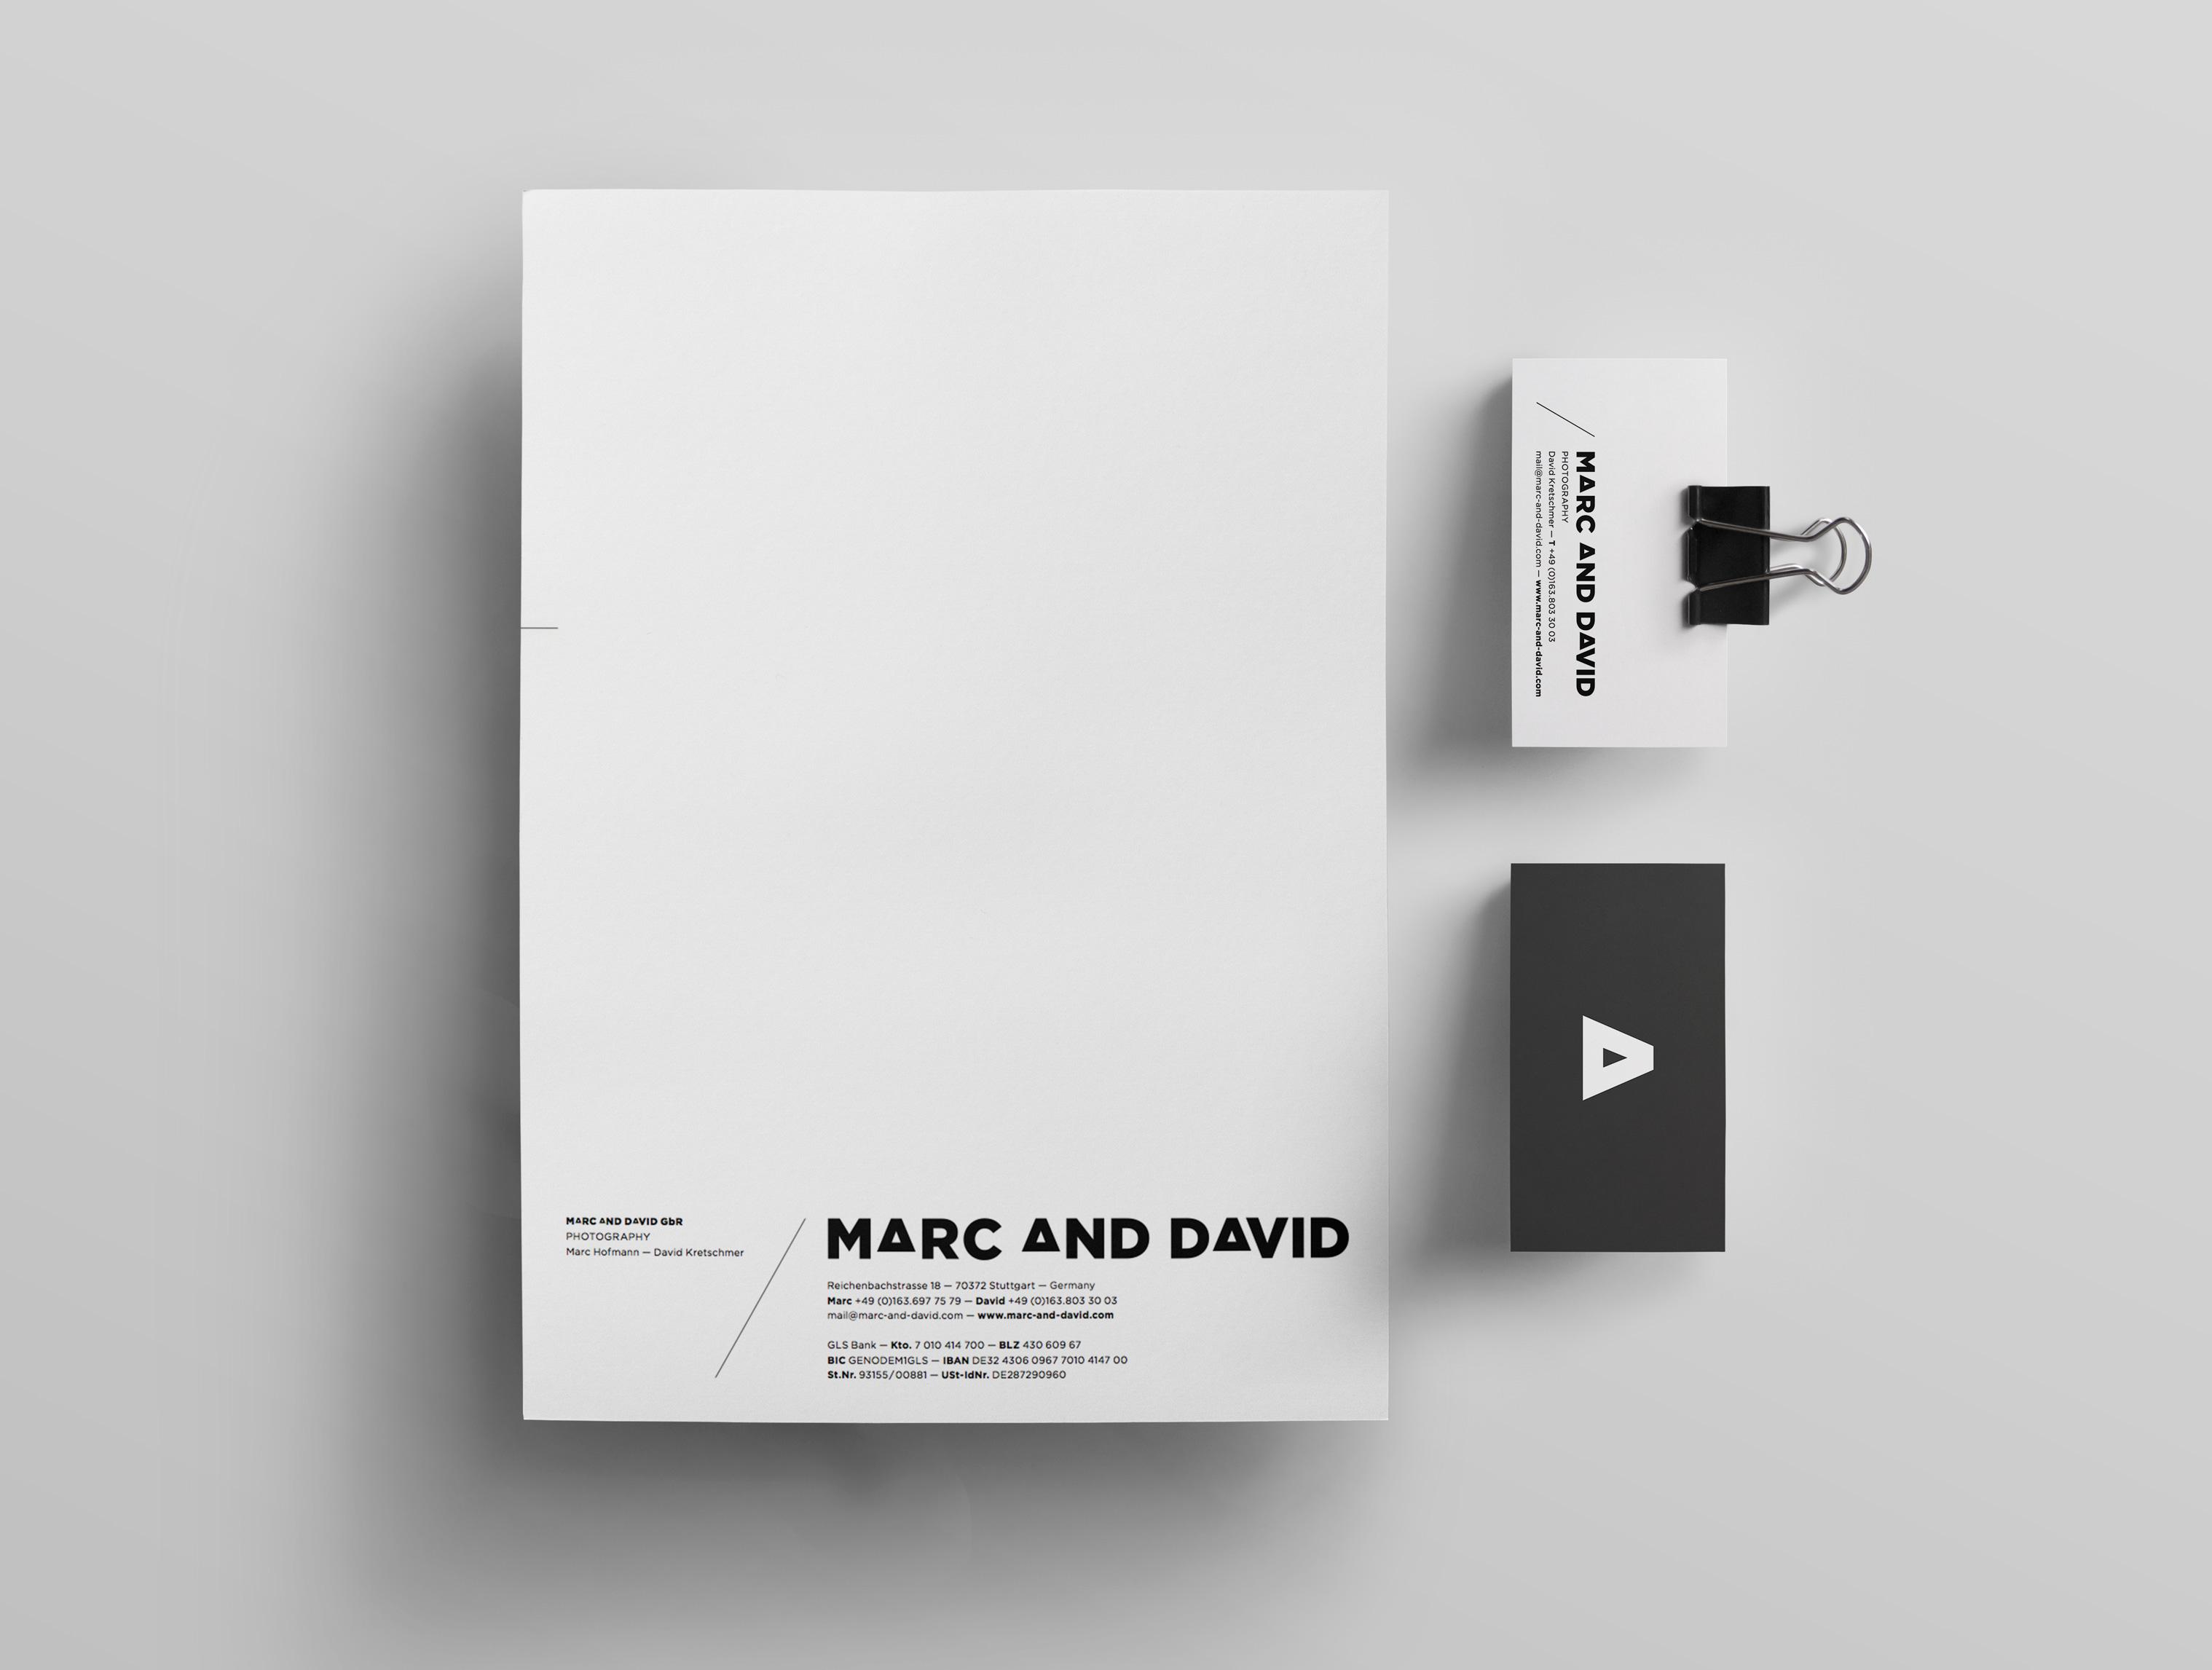 5DMBO-Studio-für-Gestaltung-marc-and-david